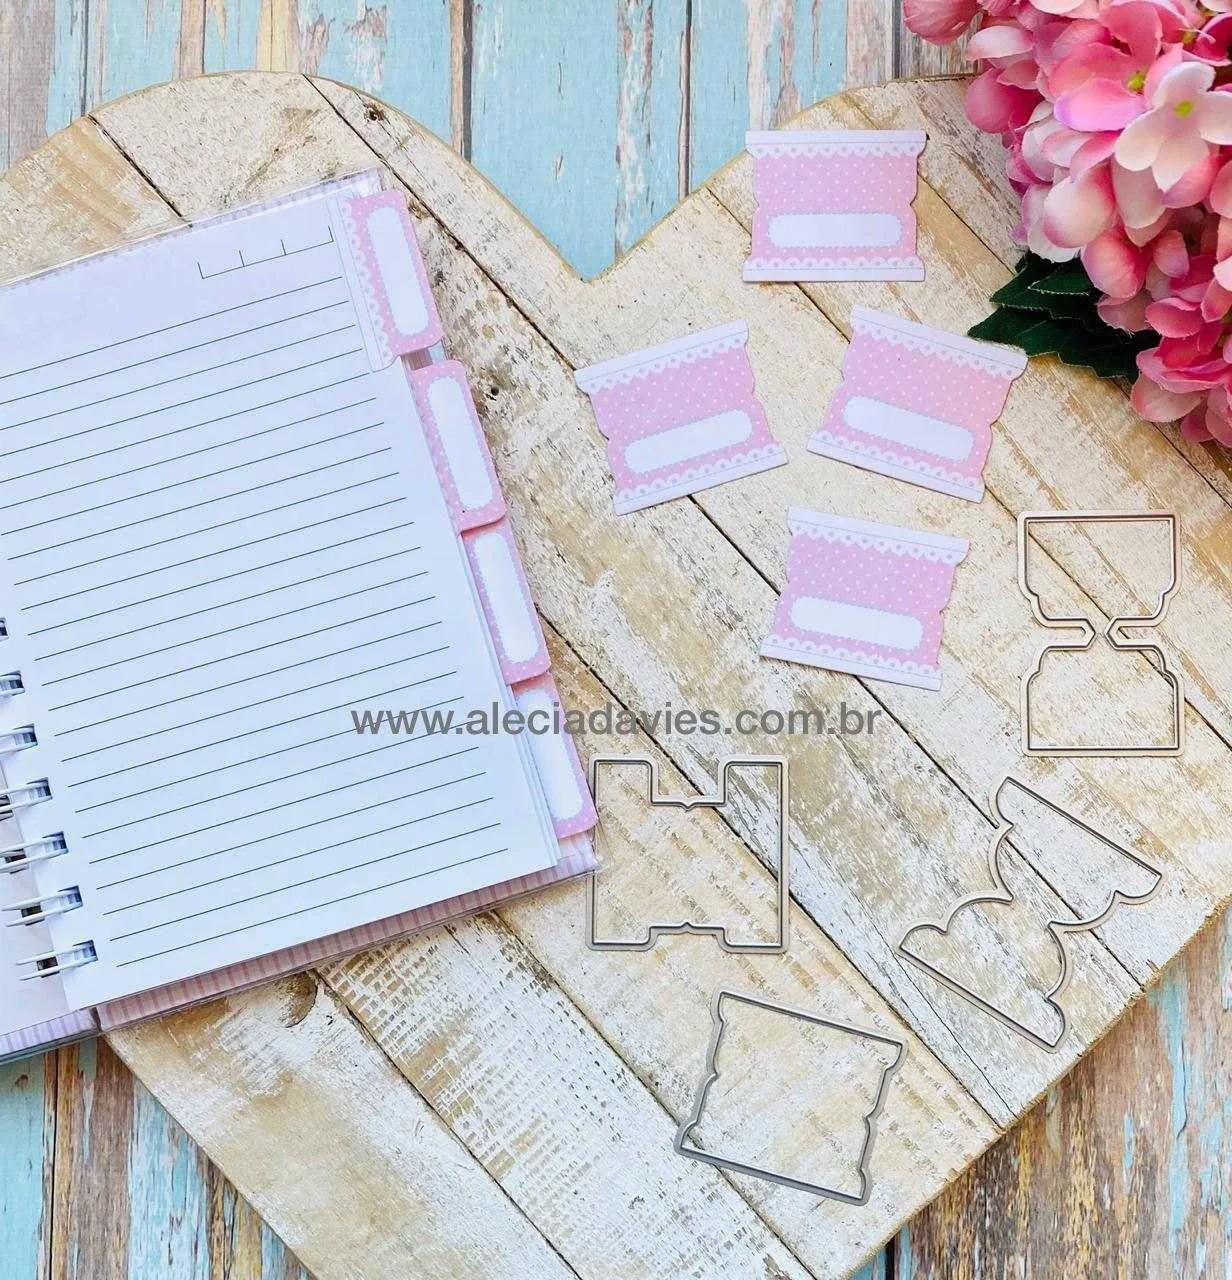 ARTE PARA tabs em branco para escrever o que quiser